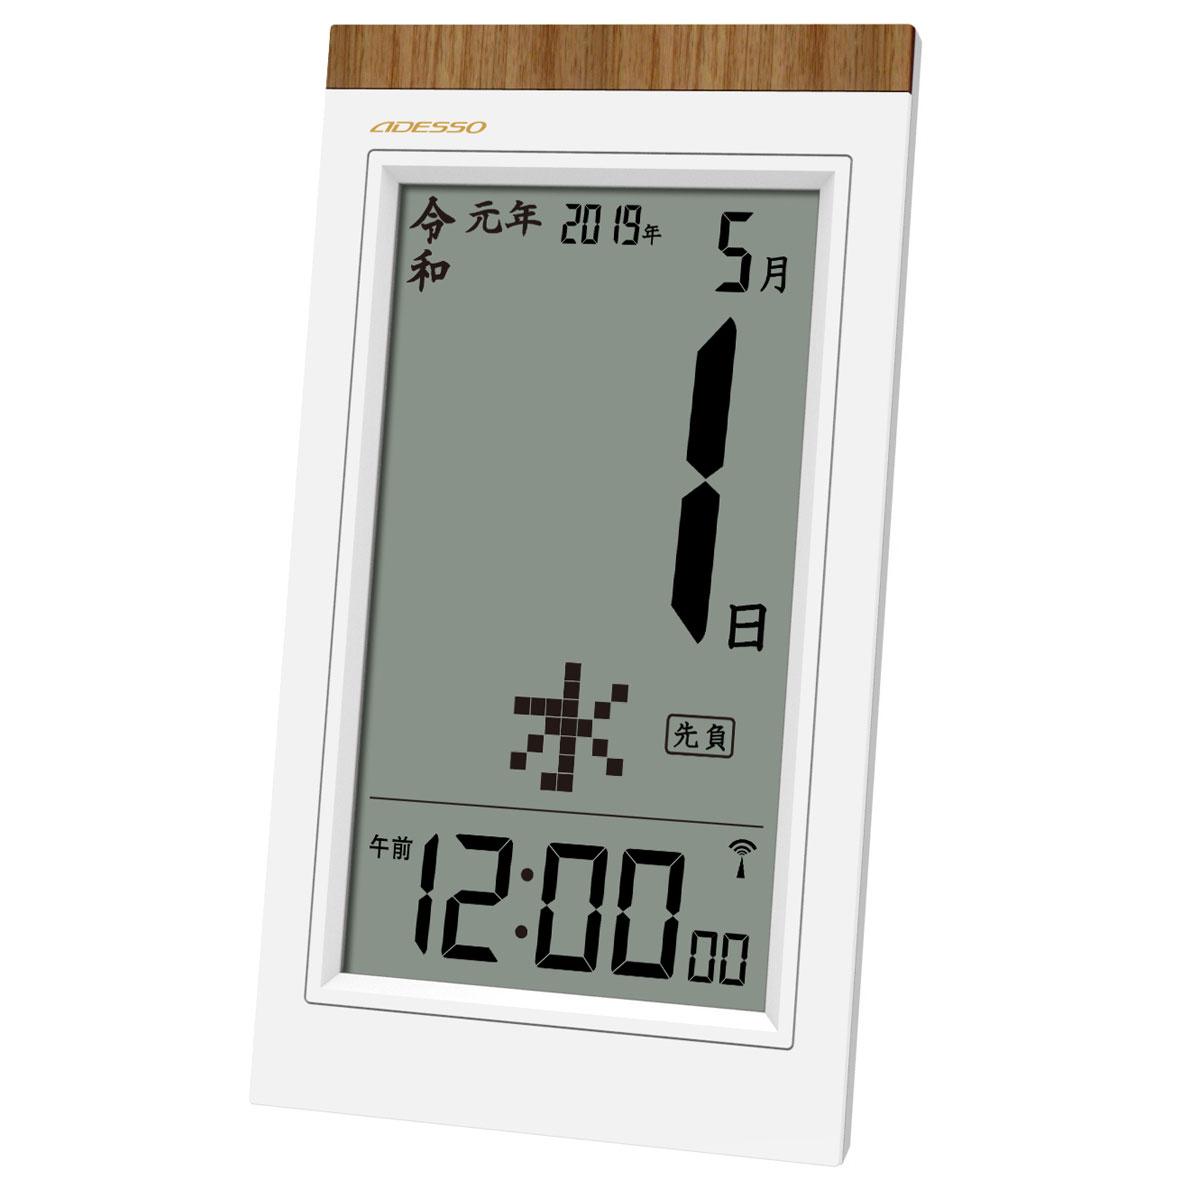 日めくりカレンダー電波クロック 令和対応